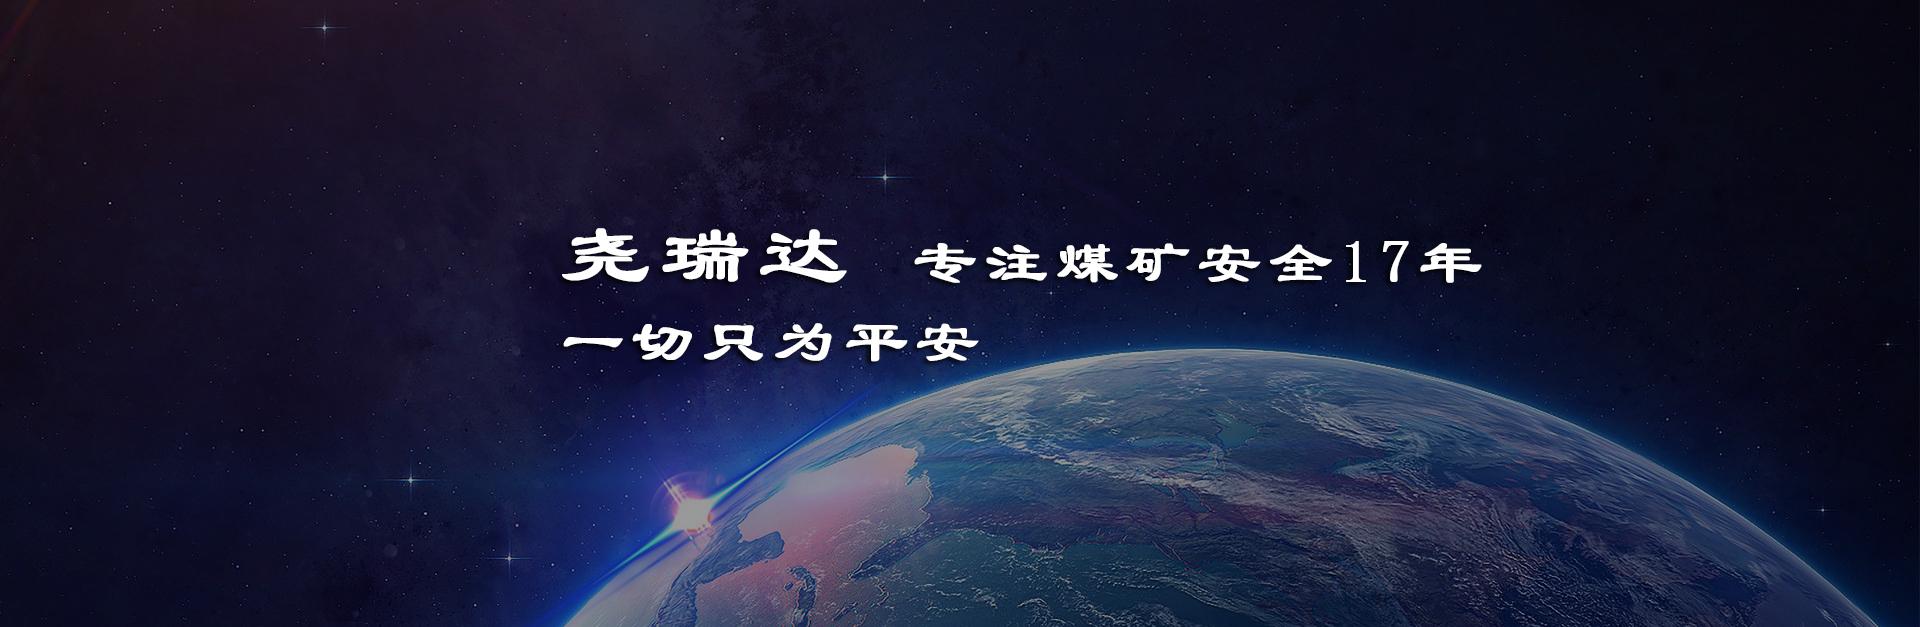 http://www.sjzyrd.com/data/upload/202004/20200423091205_407.jpg